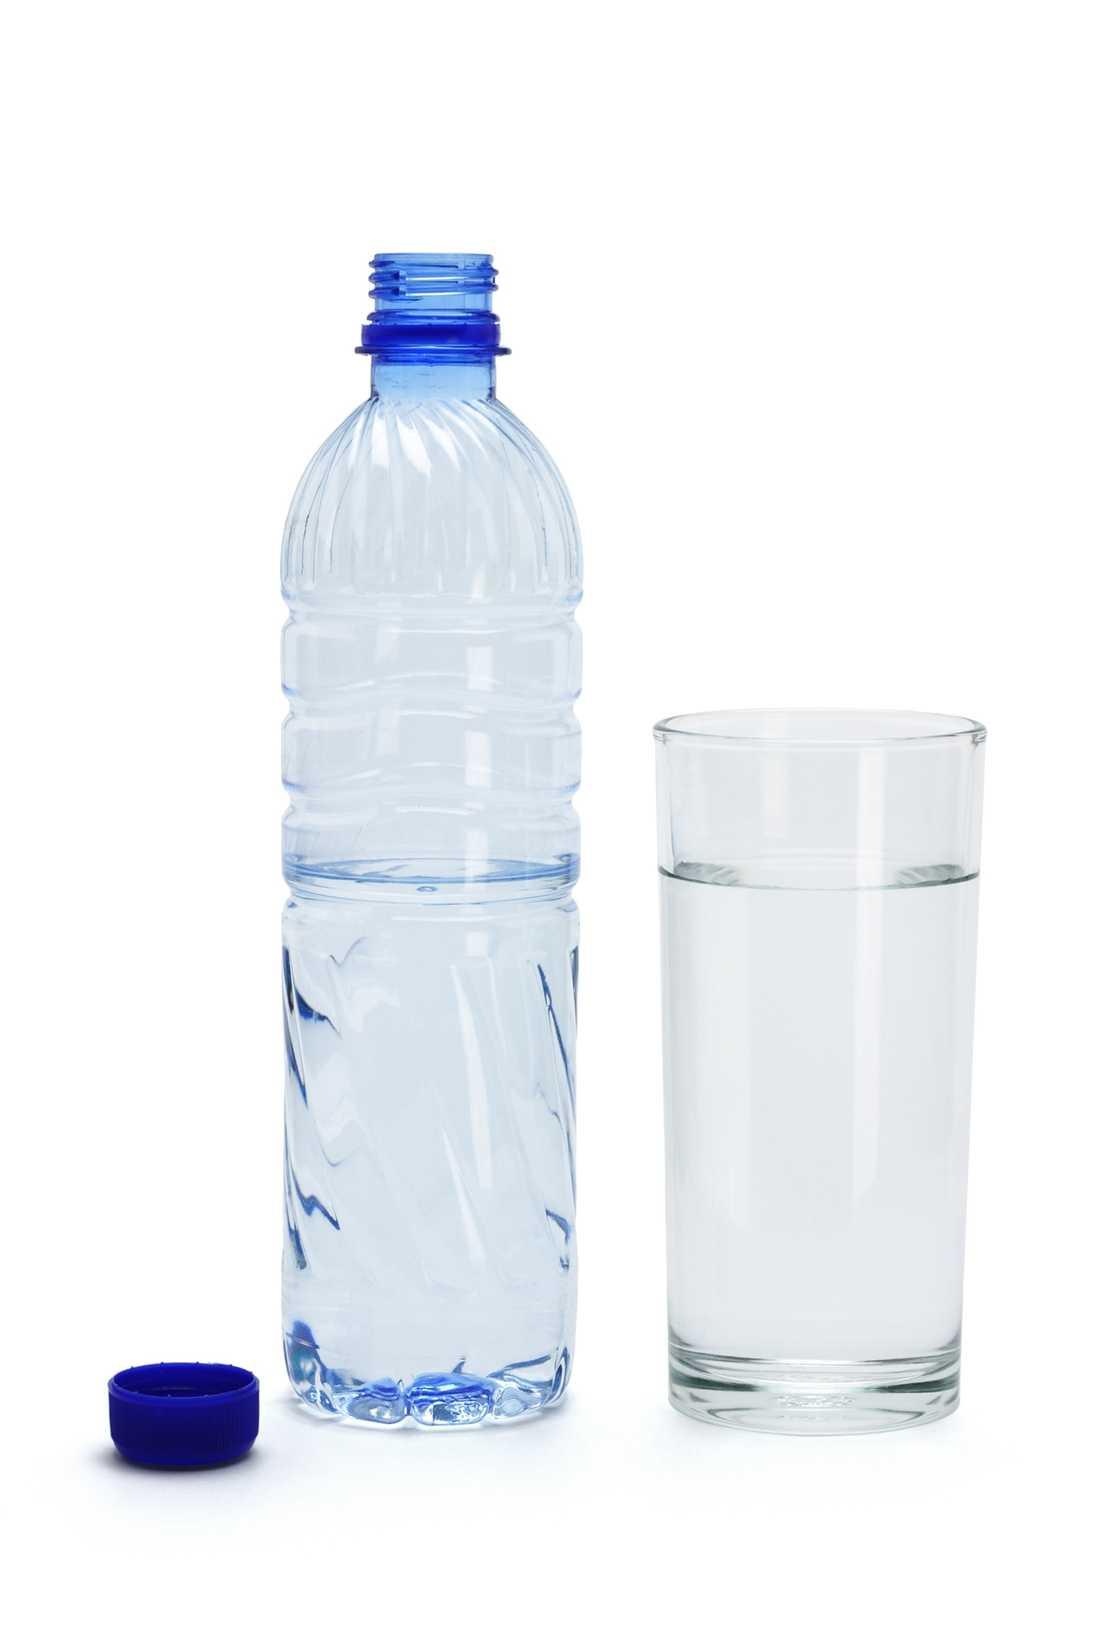 """8. """"Det är farligt att dricka mycket vatten"""" Sant Om man dricker för mycket vatten kan man drabbas av något som kallas hyponatremi, en obalans av kalium och natriumhalterna i kroppen som bland annat orsakar trötthet, förvirring och kramper – i värsta fall medvetslöshet. Att dricka när man är törstig är som regel alldeles tillräckligt. Din kropp kan tillgodogöra sig ungefär en liter vätska i timmen, inte mer."""